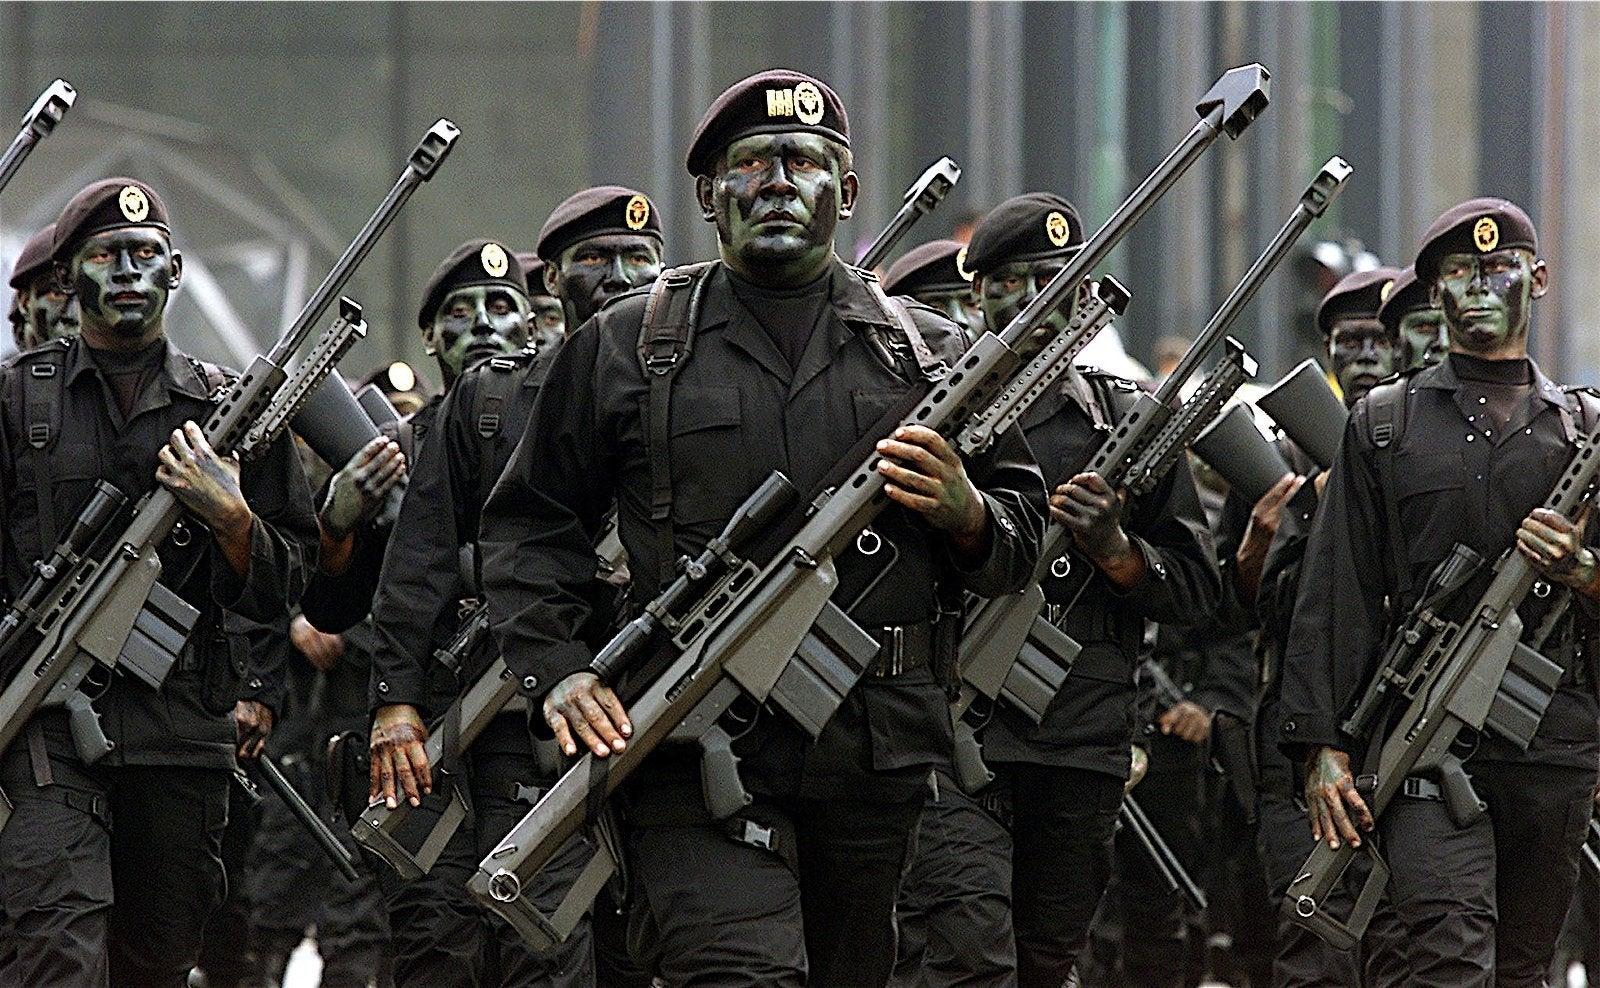 snipers holding Barrett M82 sniper rifles 1600x988 wallpaper 1600x988